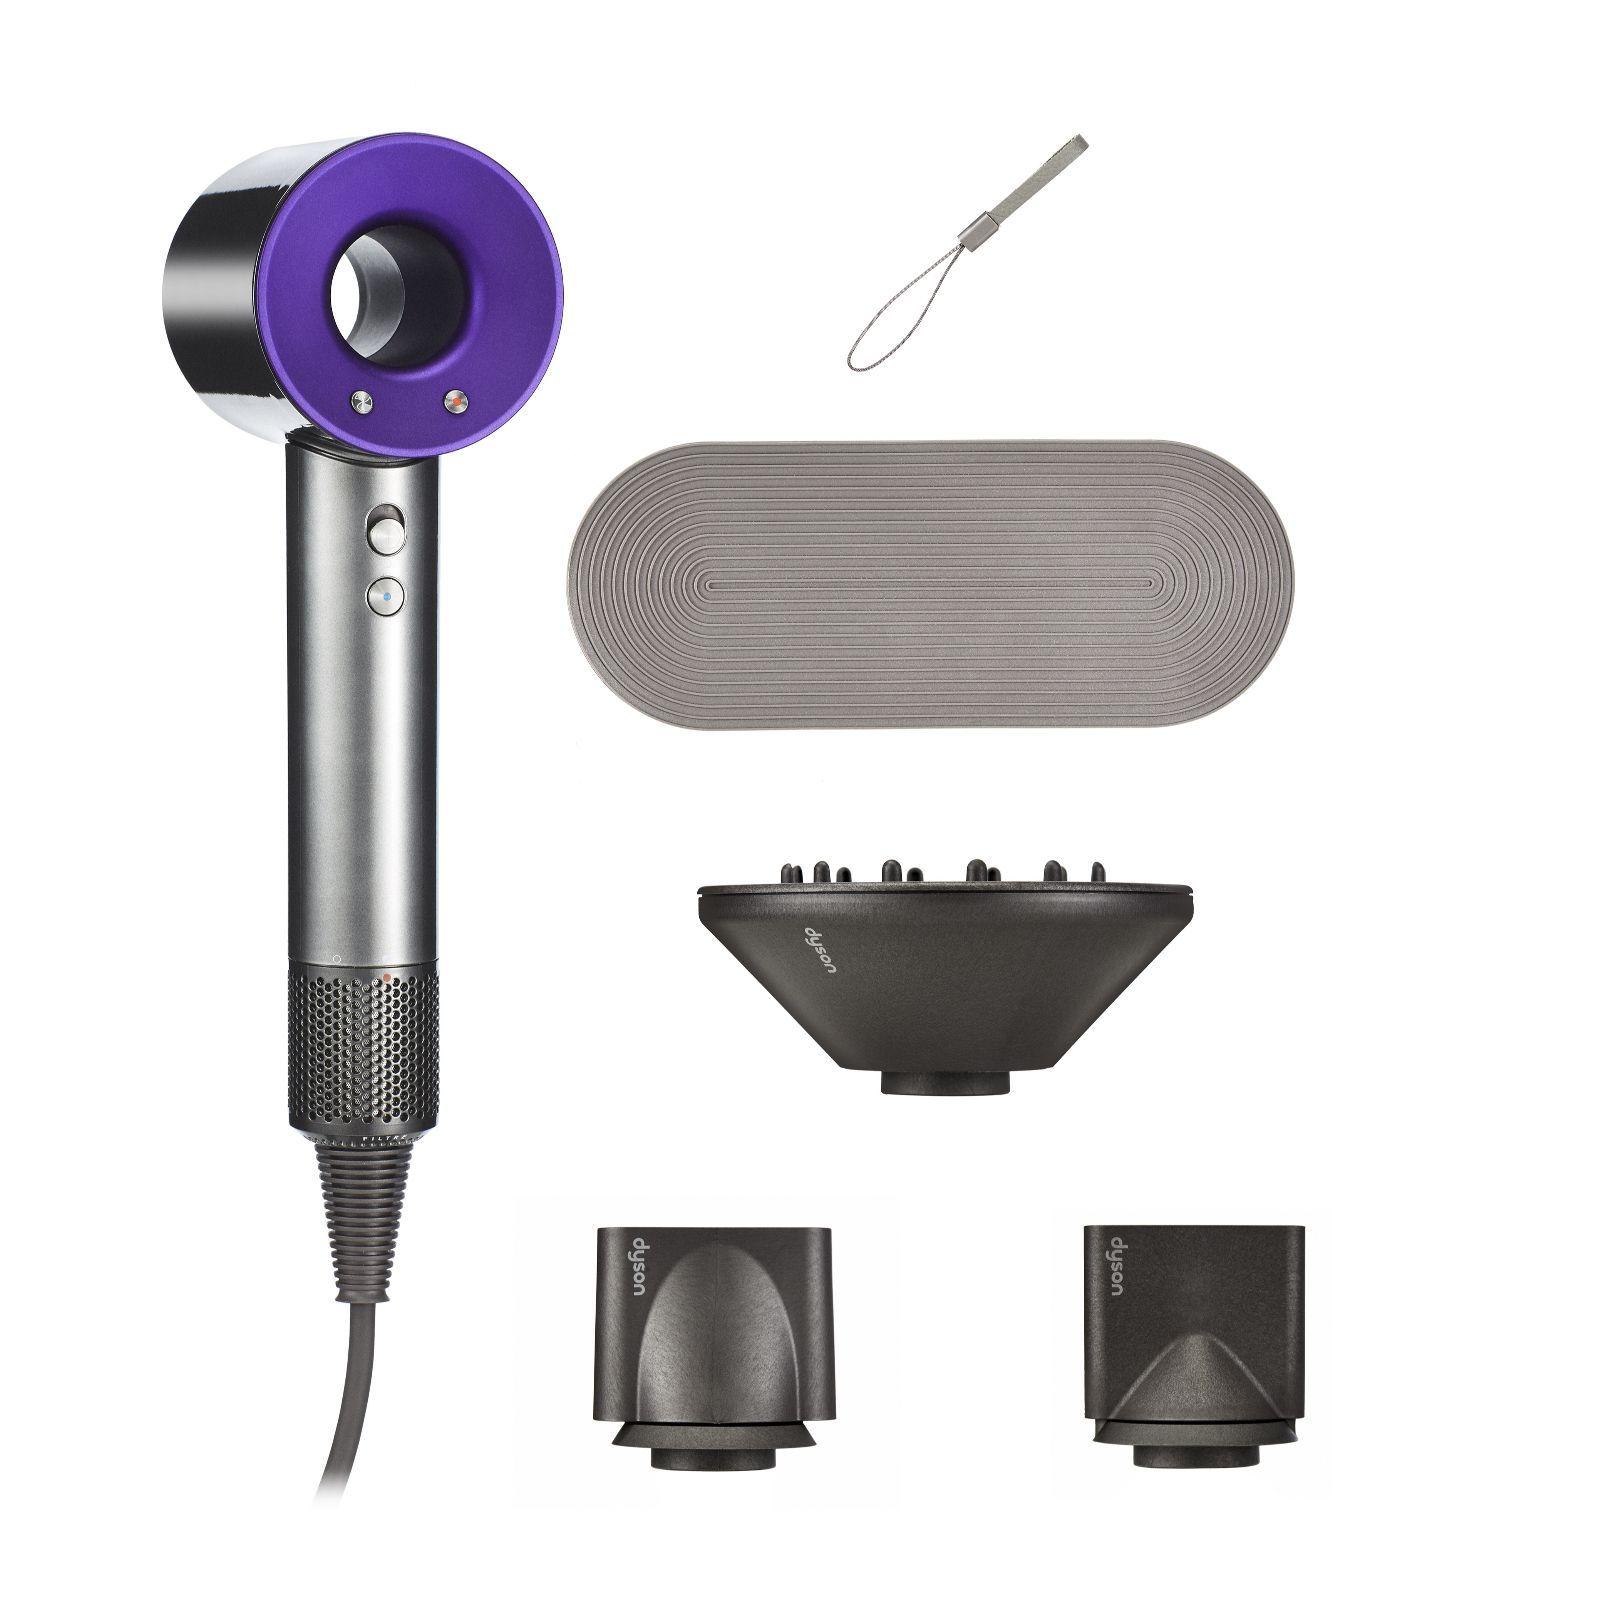 Dyson Supersonic Hairdryer Qvc Uk Dyson Supersonic Hairdryer Hair Dryer Hair Dryer Attachments